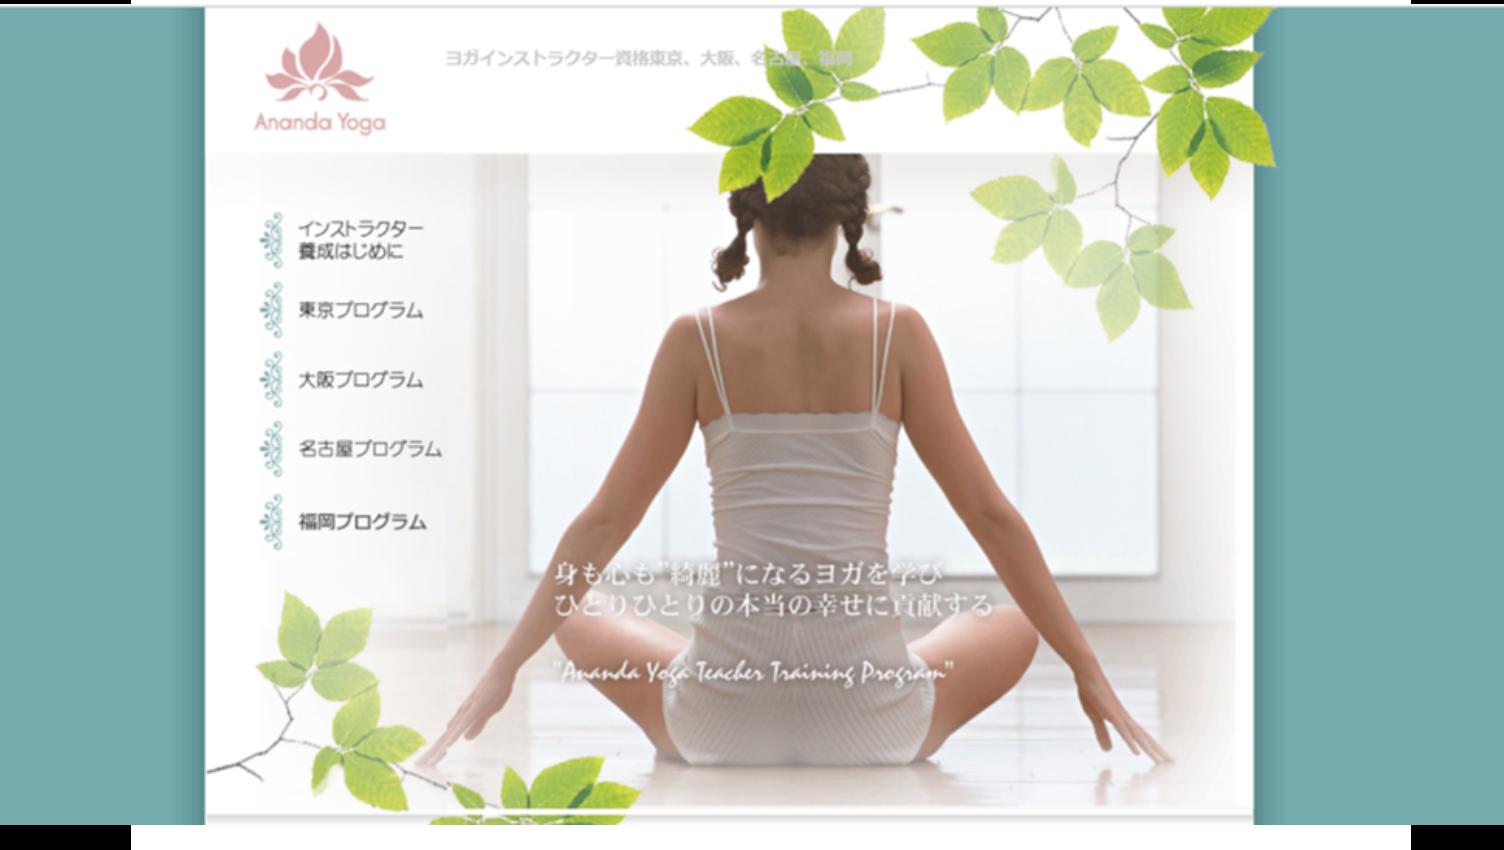 女性が姿勢よく座って瞑想する写真